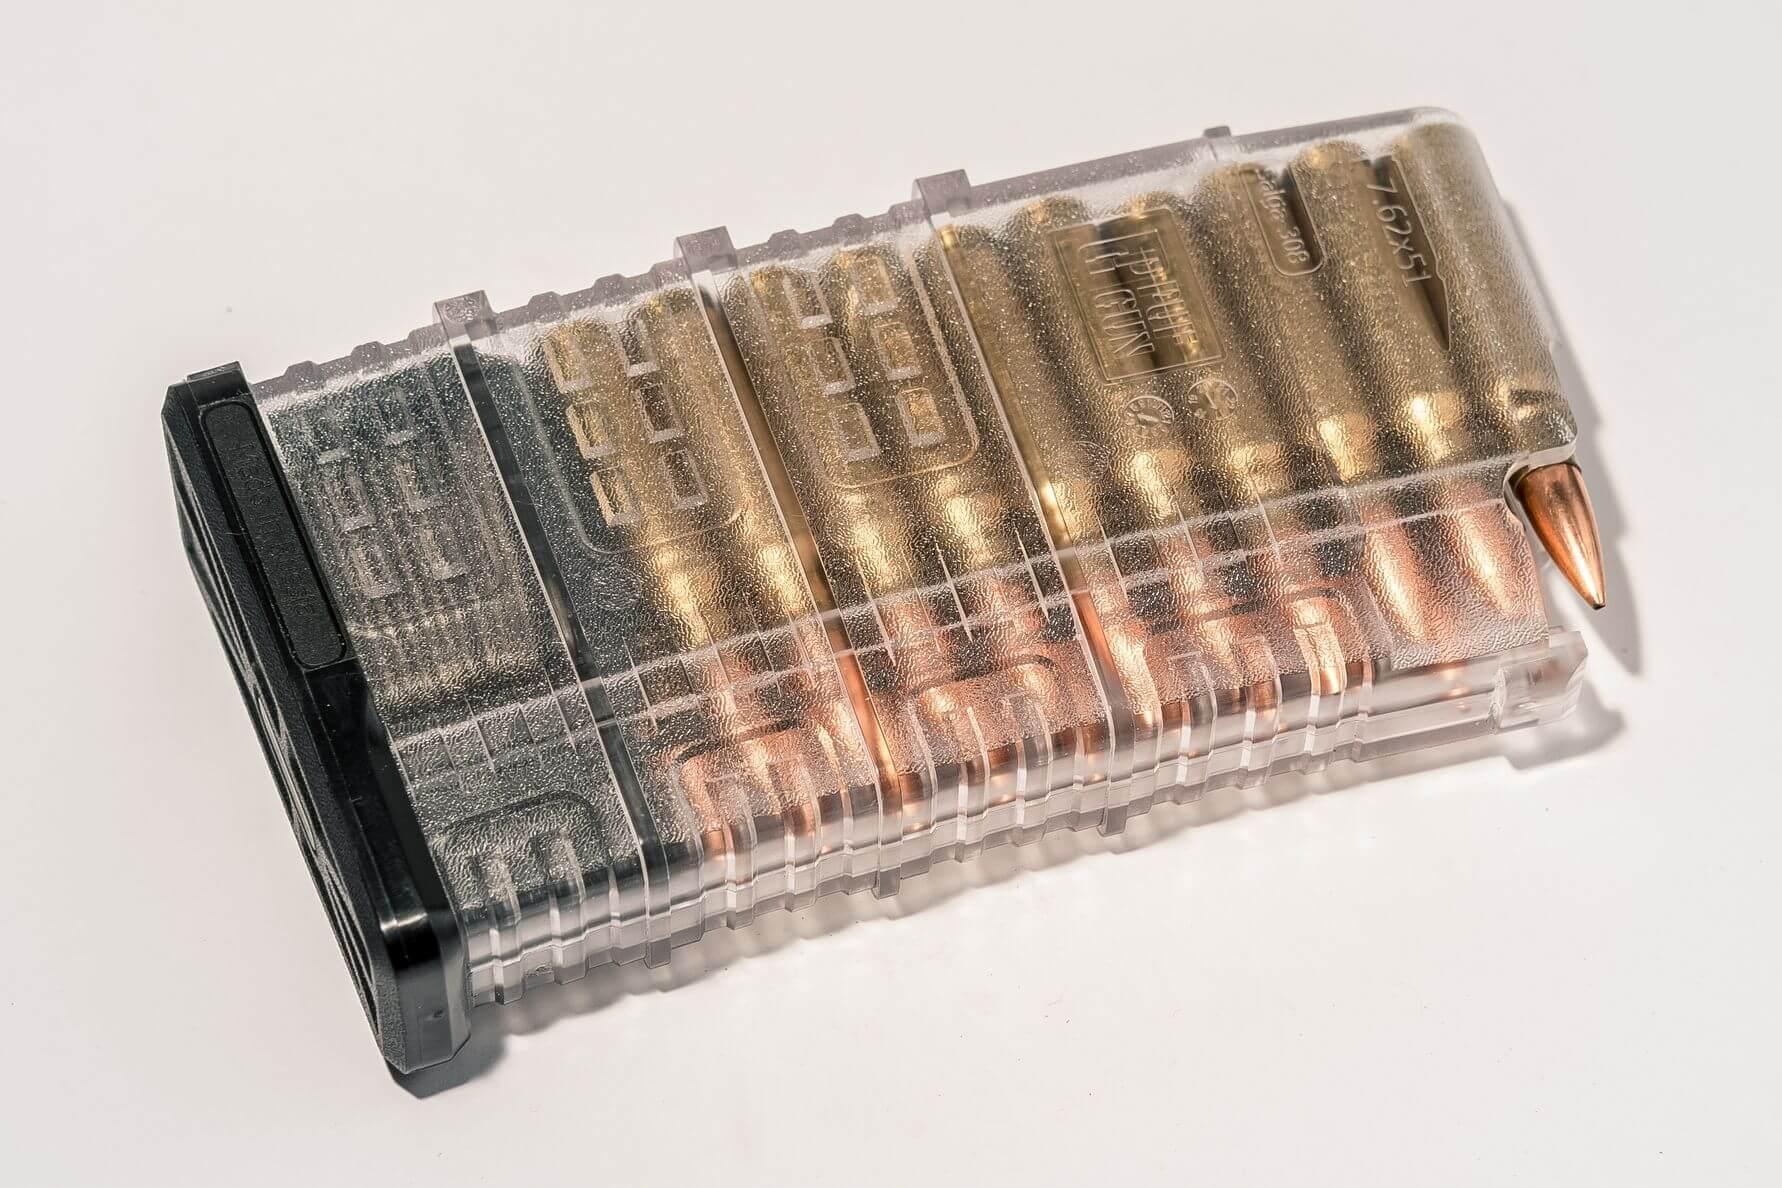 Магазин Pufgun Сайга-308 на 20 патронов, прозрачный